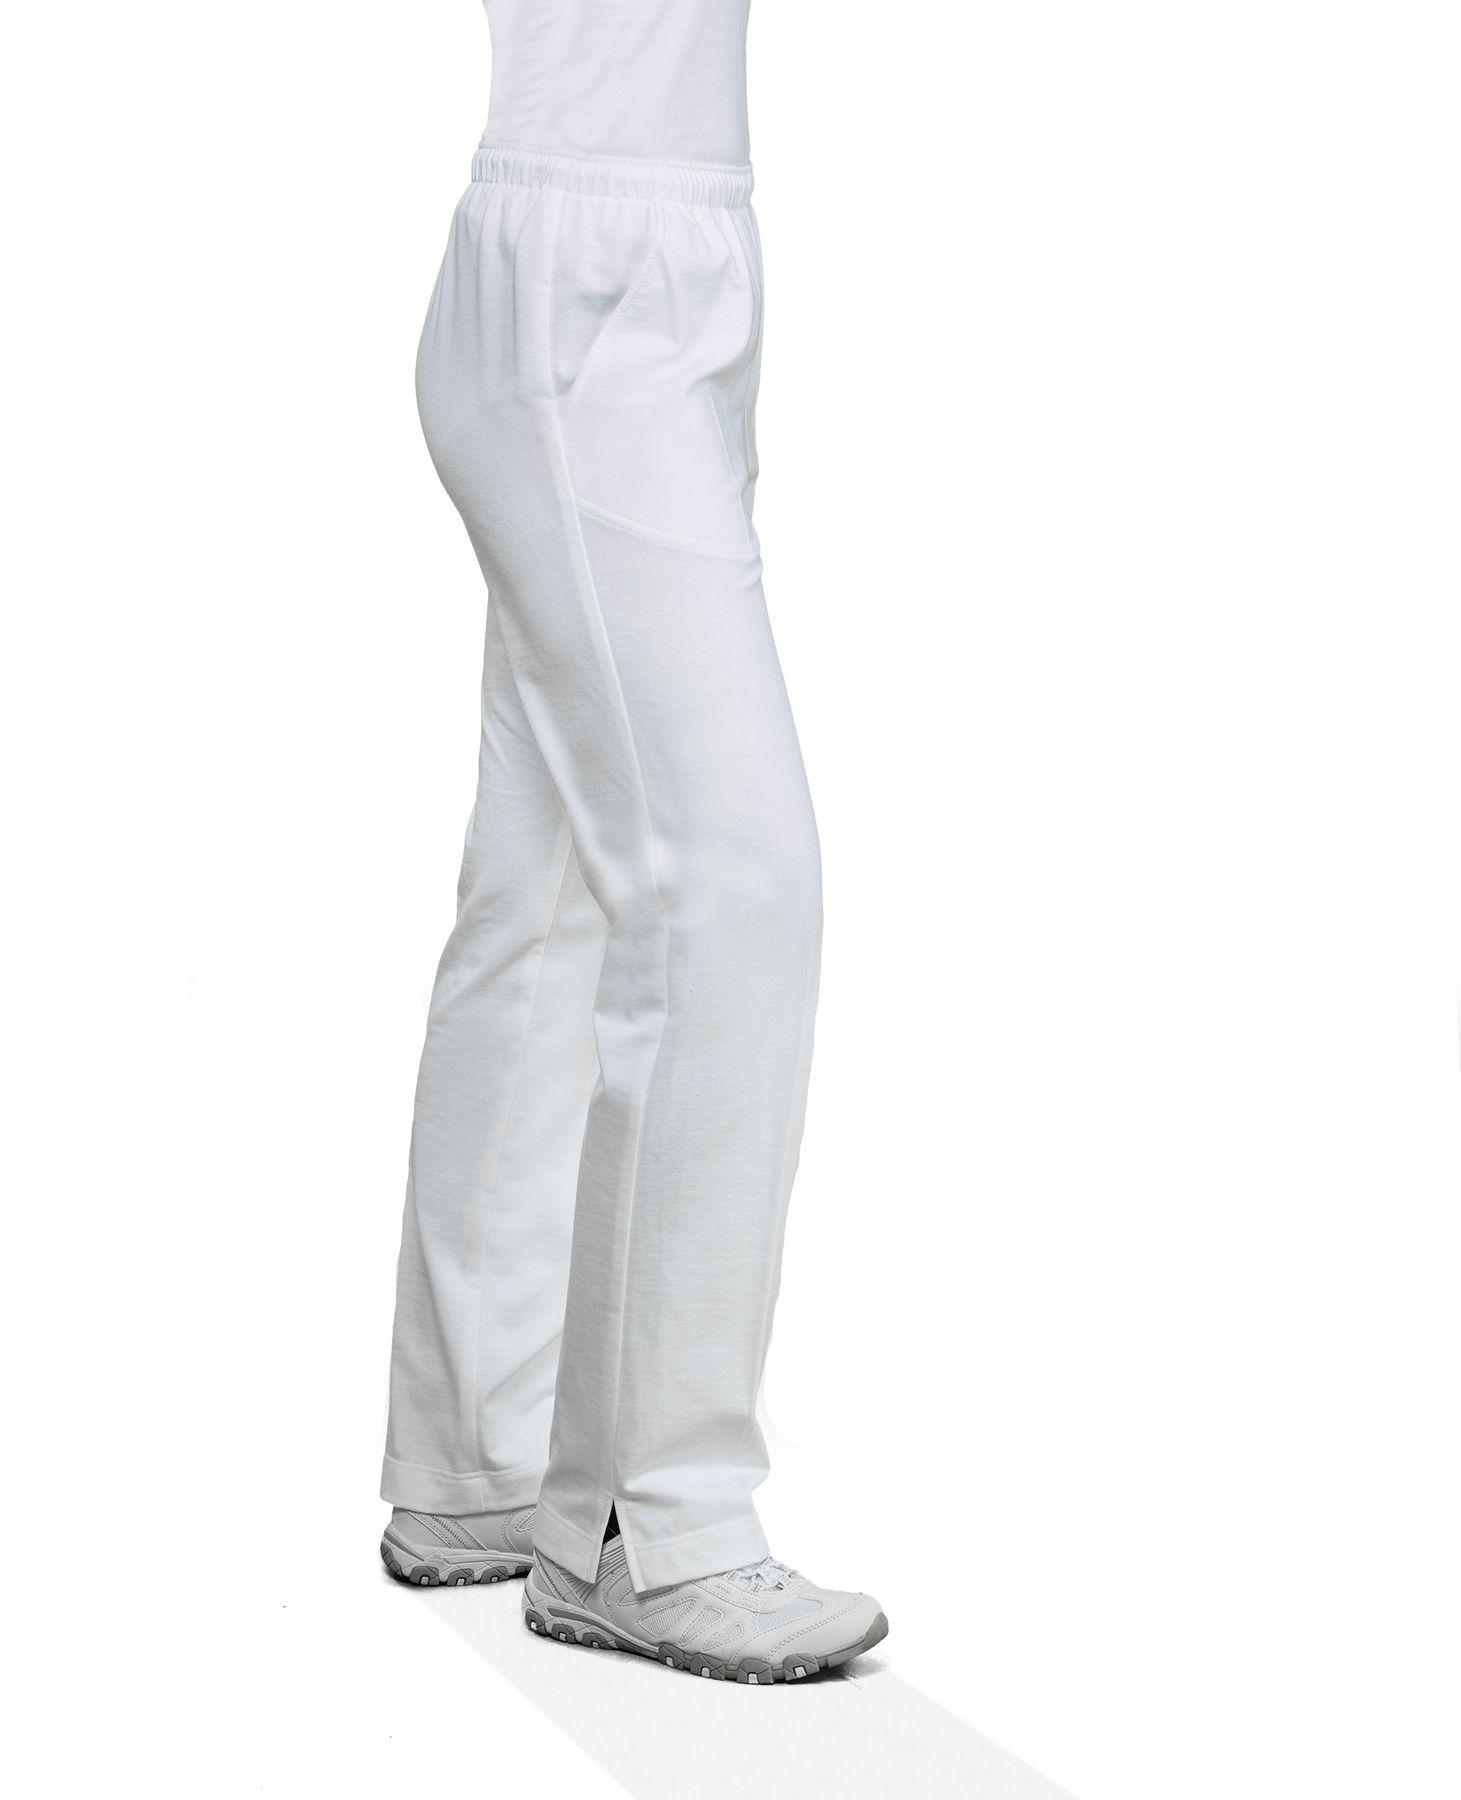 Authentic klein - Damen Sport und Freizeit Hose aus reiner Baumwolle (03020) – Bild 3